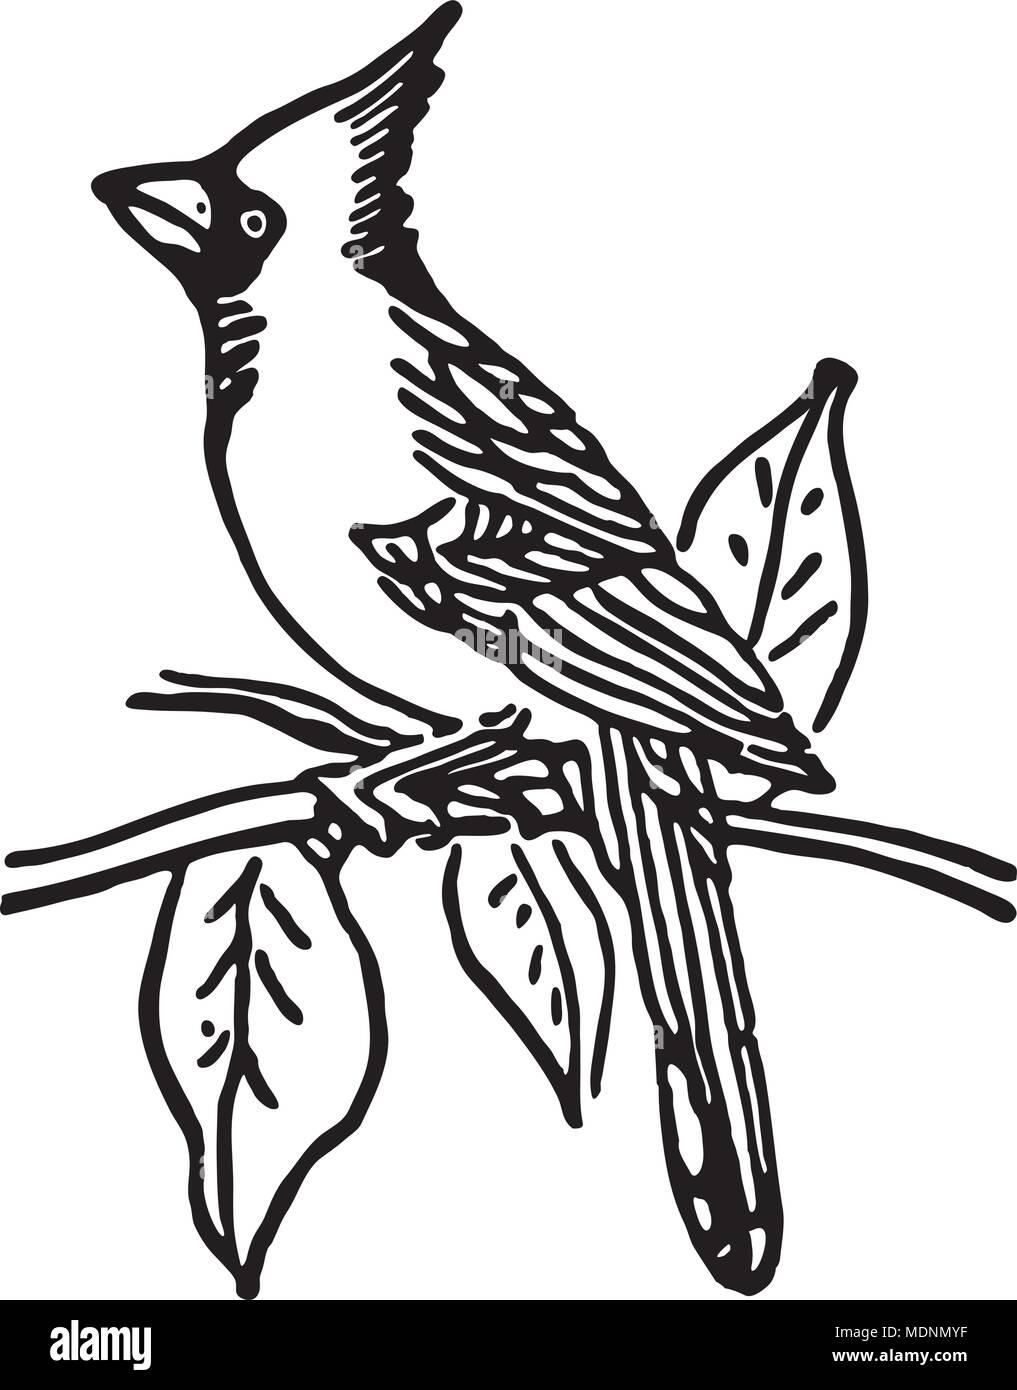 Cardinal Clip Art Stockfotos & Cardinal Clip Art Bilder - Alamy